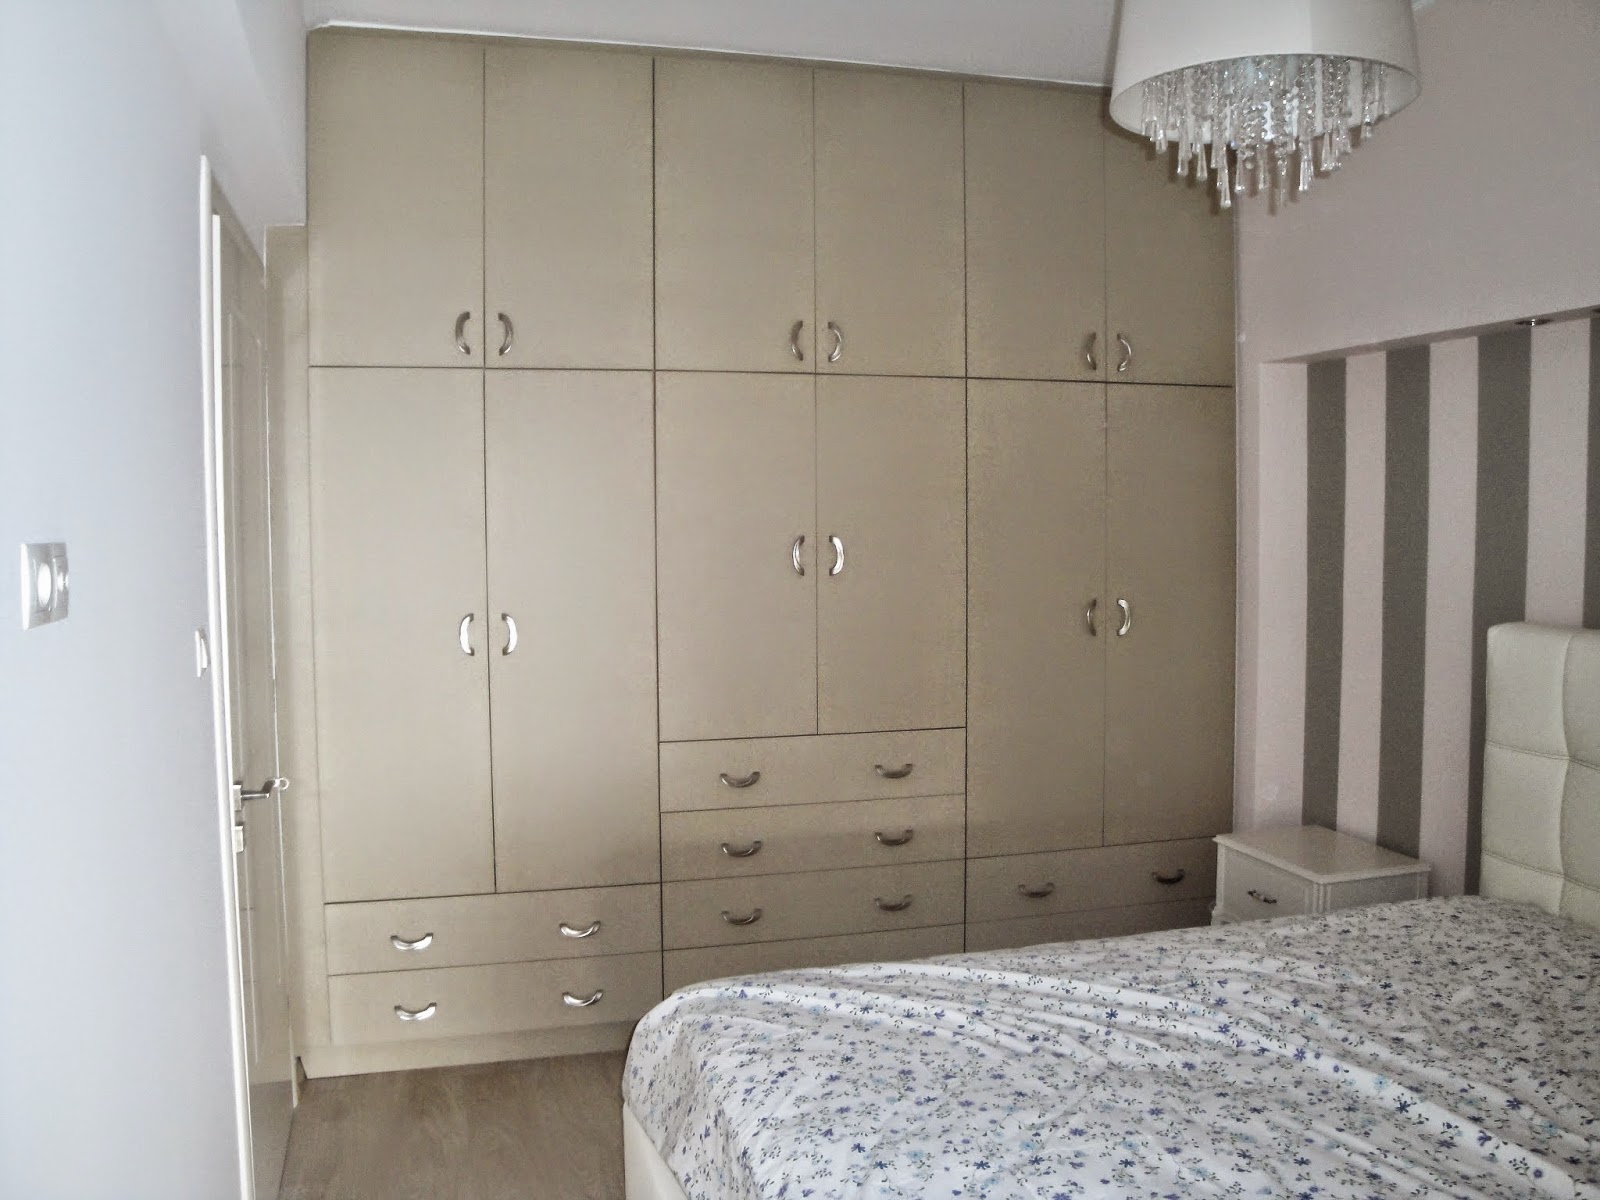 (Κωδ 4002) Μεγάλη ντουλάπα σε κρεβατοκάμαρα με πρόβλεψη χώρων για το ζευγάρι.